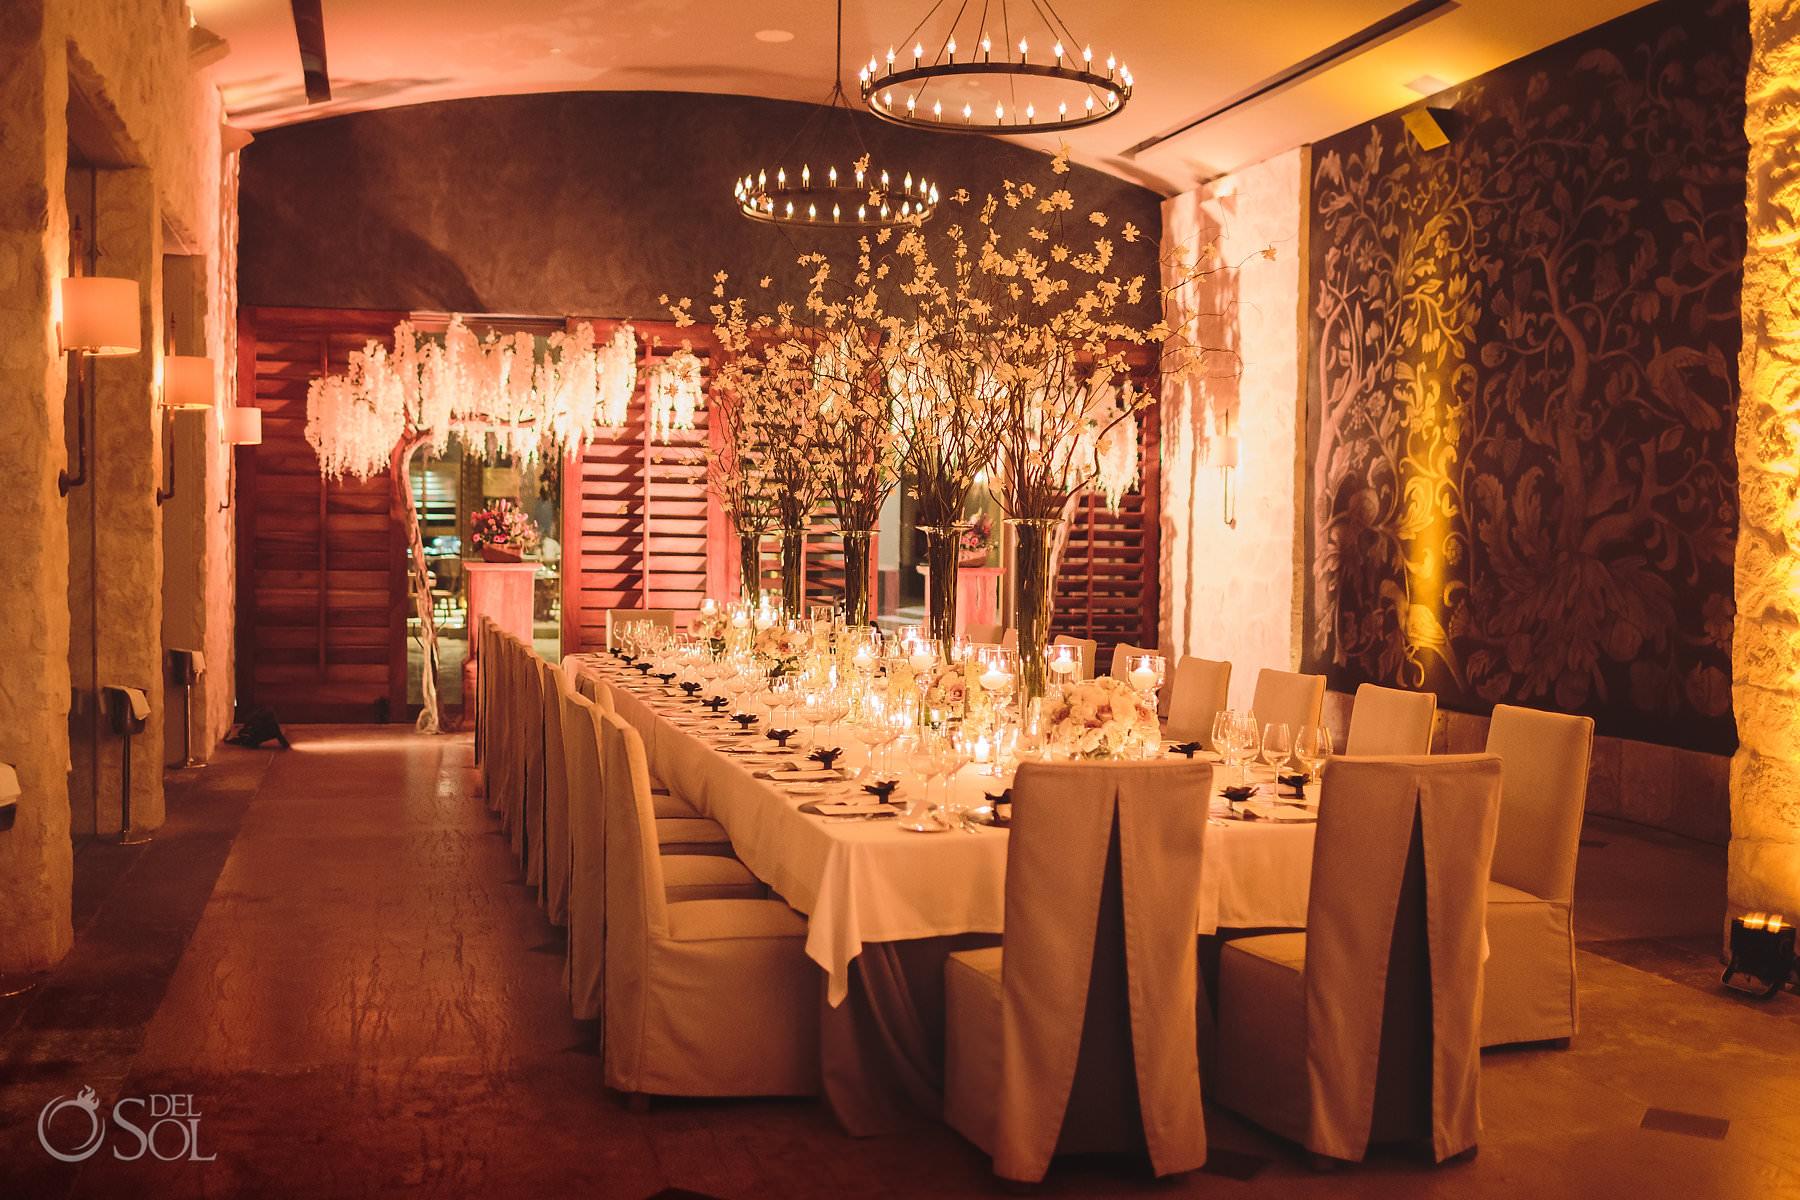 Decor Nizuc Cancun luxury wedding reception decor byBlossom Events and Wedding Designs